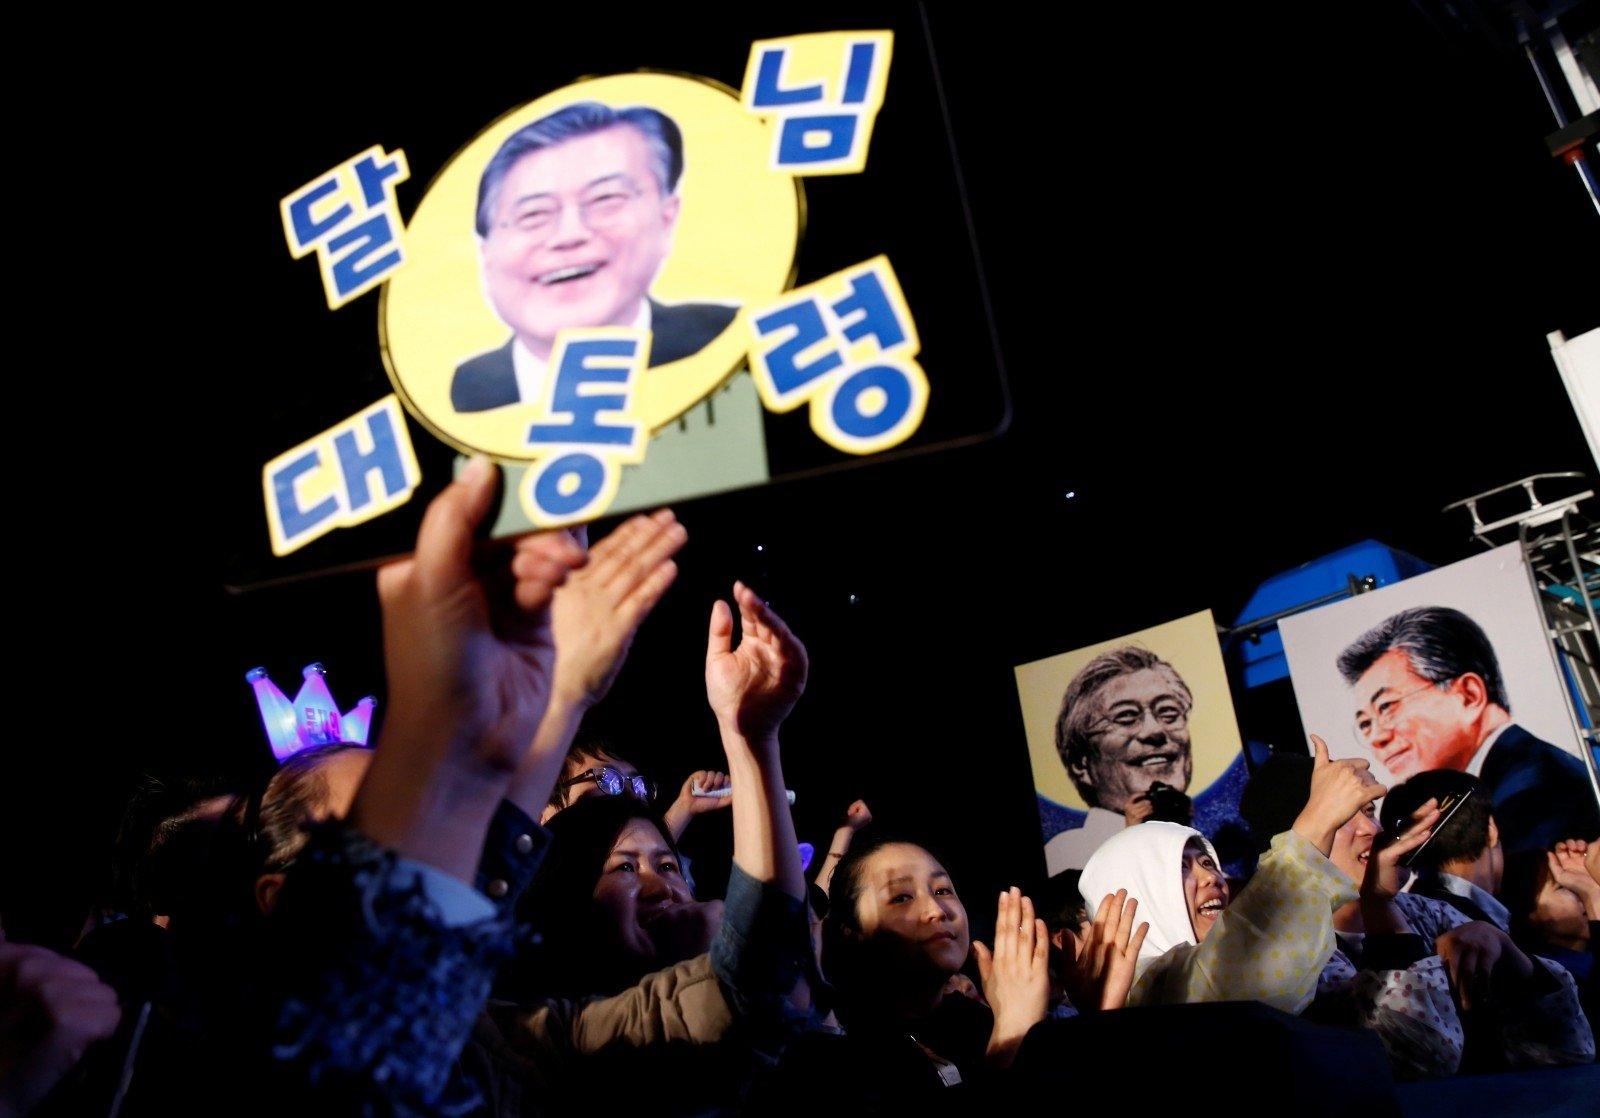 Новый президент Республики Корея Мун Чжэ Инвступил вдолжность